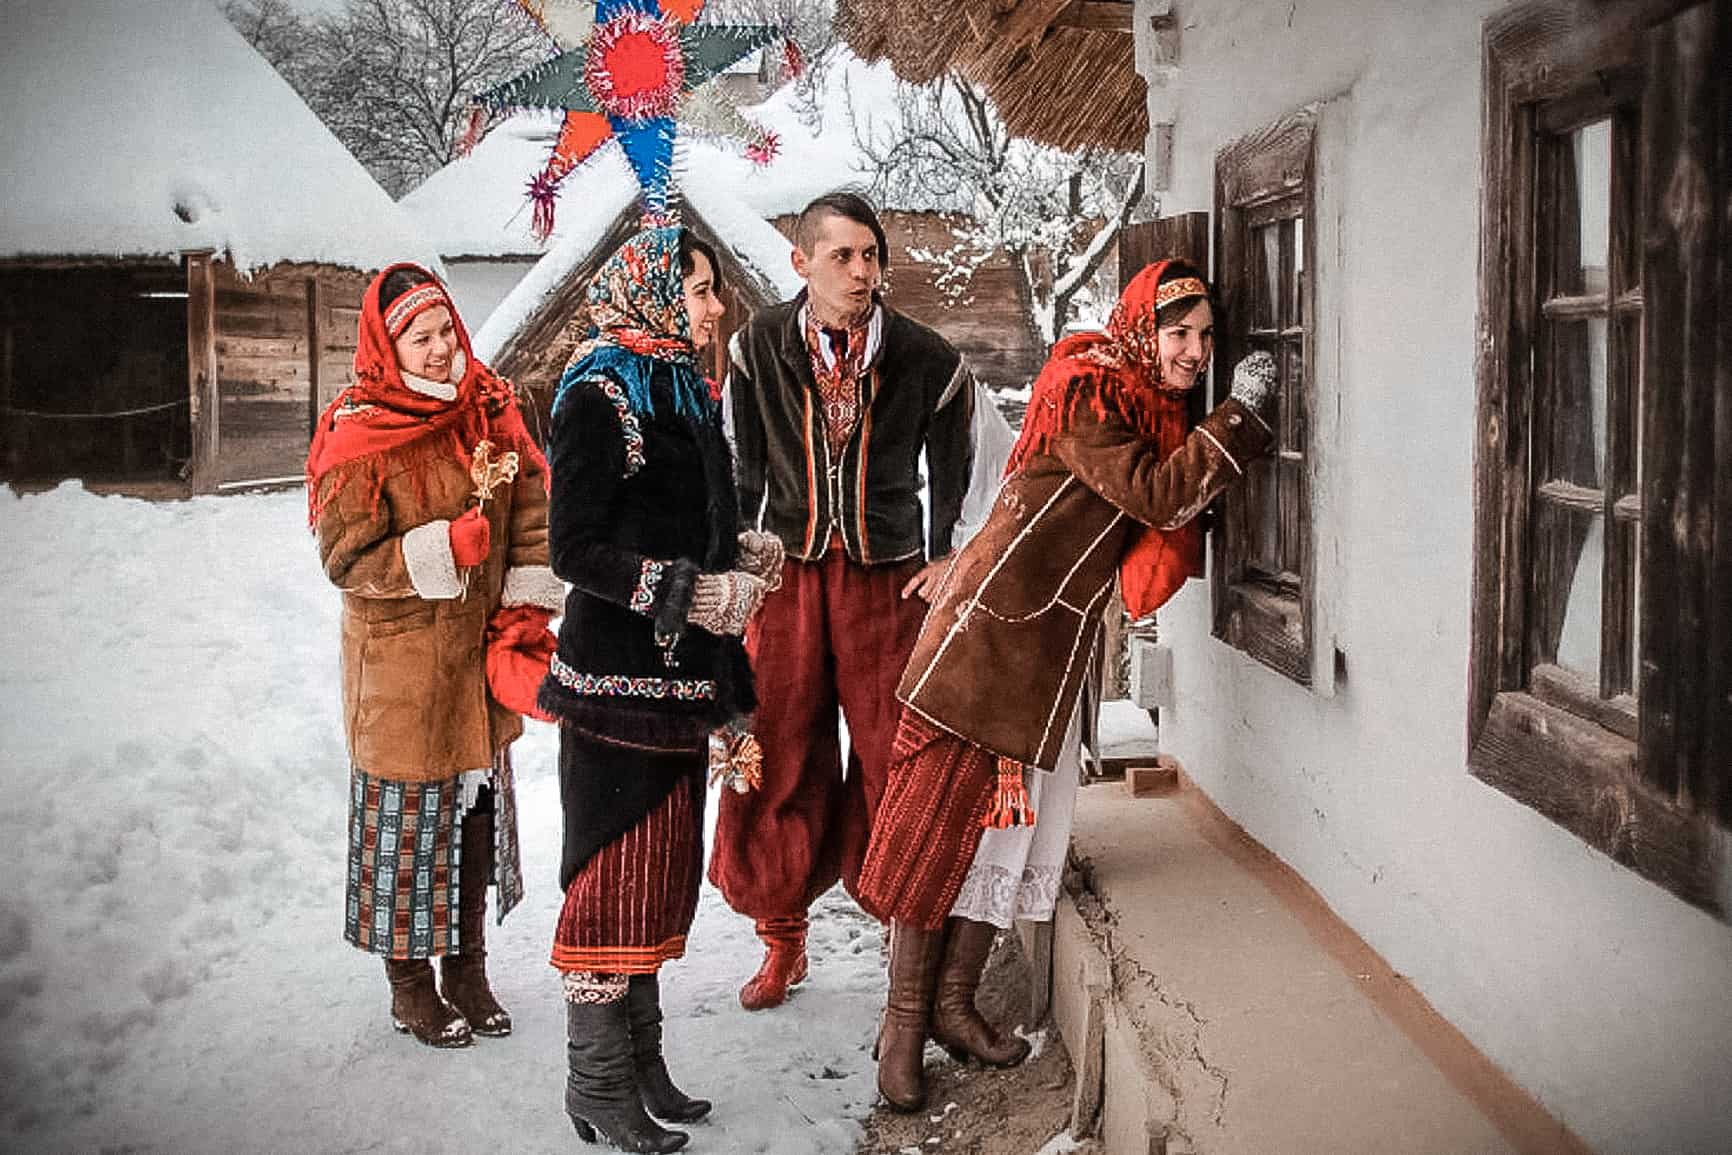 колядующие на Рождество фото